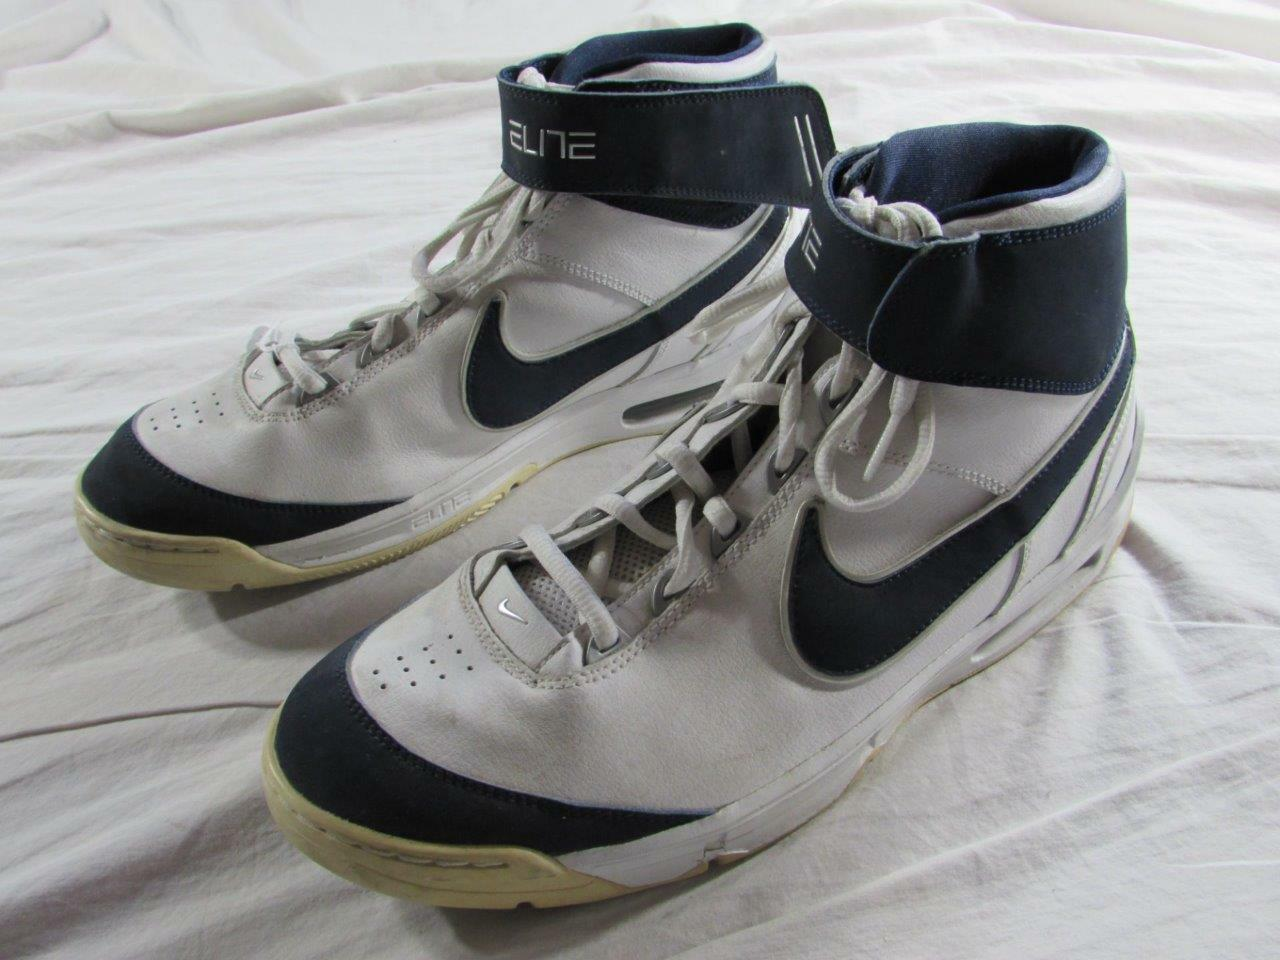 2007 nike air elite sz 11 11 11 pre - aveva scarpe da basket 07 og forma gradevole! | Outlet Online Shop  | Sig/Sig Ra Scarpa  c7a565